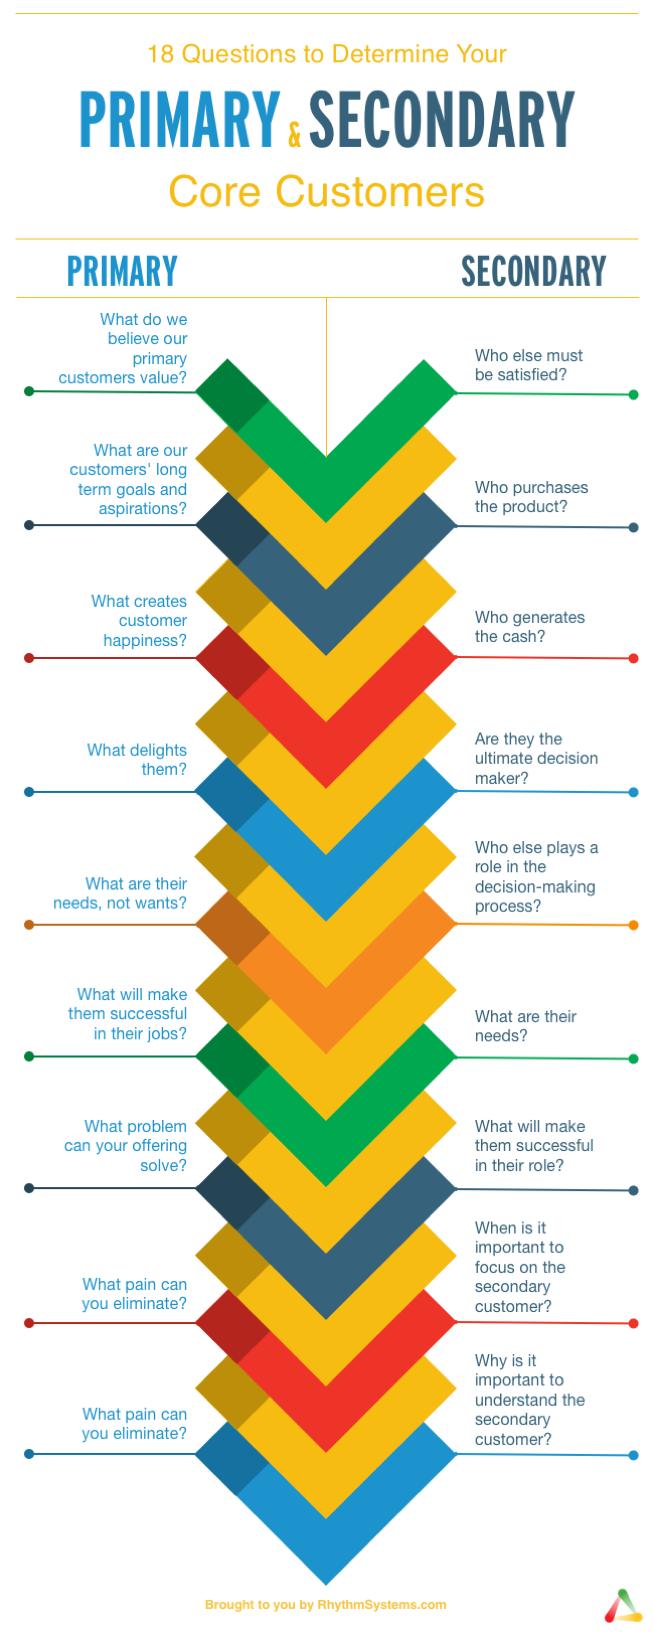 Primary Core Customer vs. Secondary Core Customer